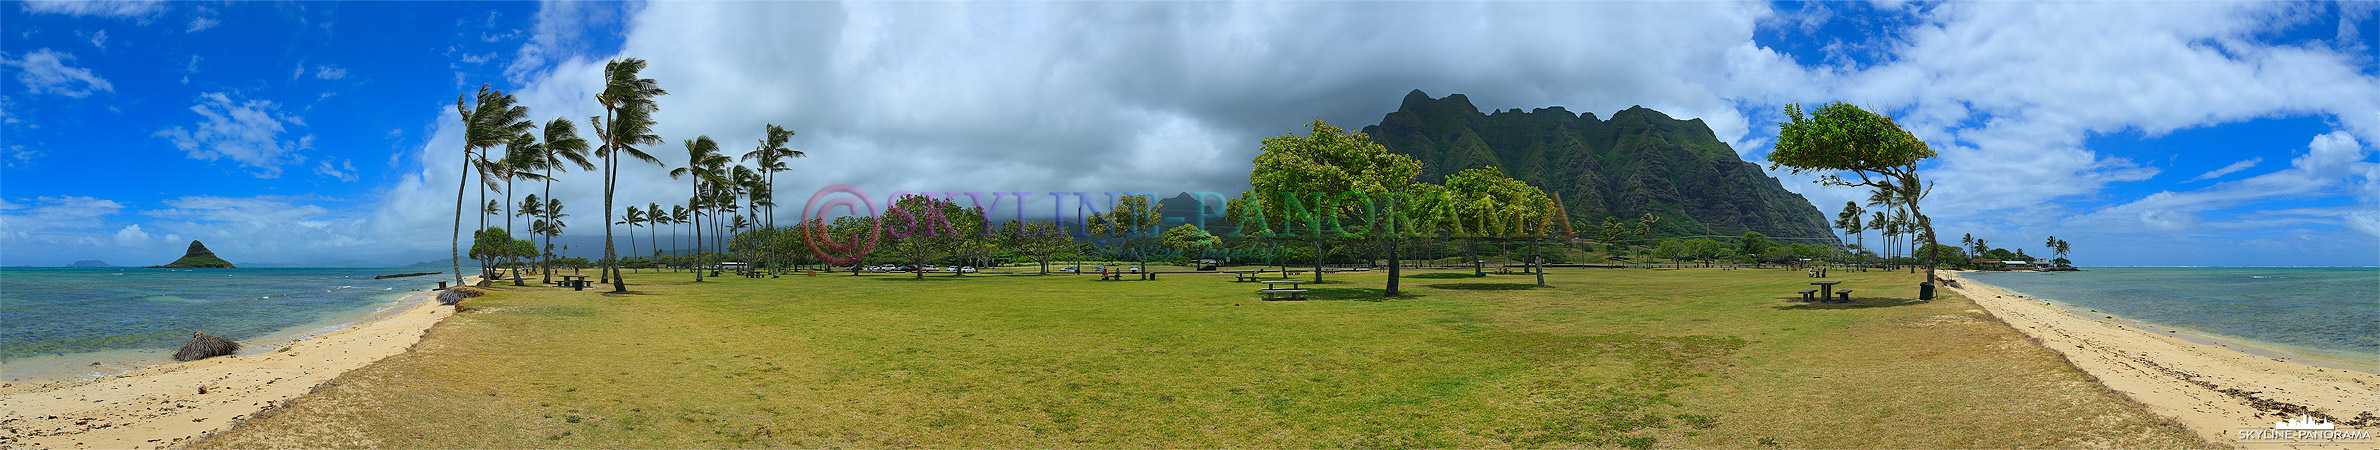 Bilder der Inselgruppe Hawaii - Dieses Panorama ist am Kualona Beach im Nordosten der Hauptinsel O´ahu entstanden.